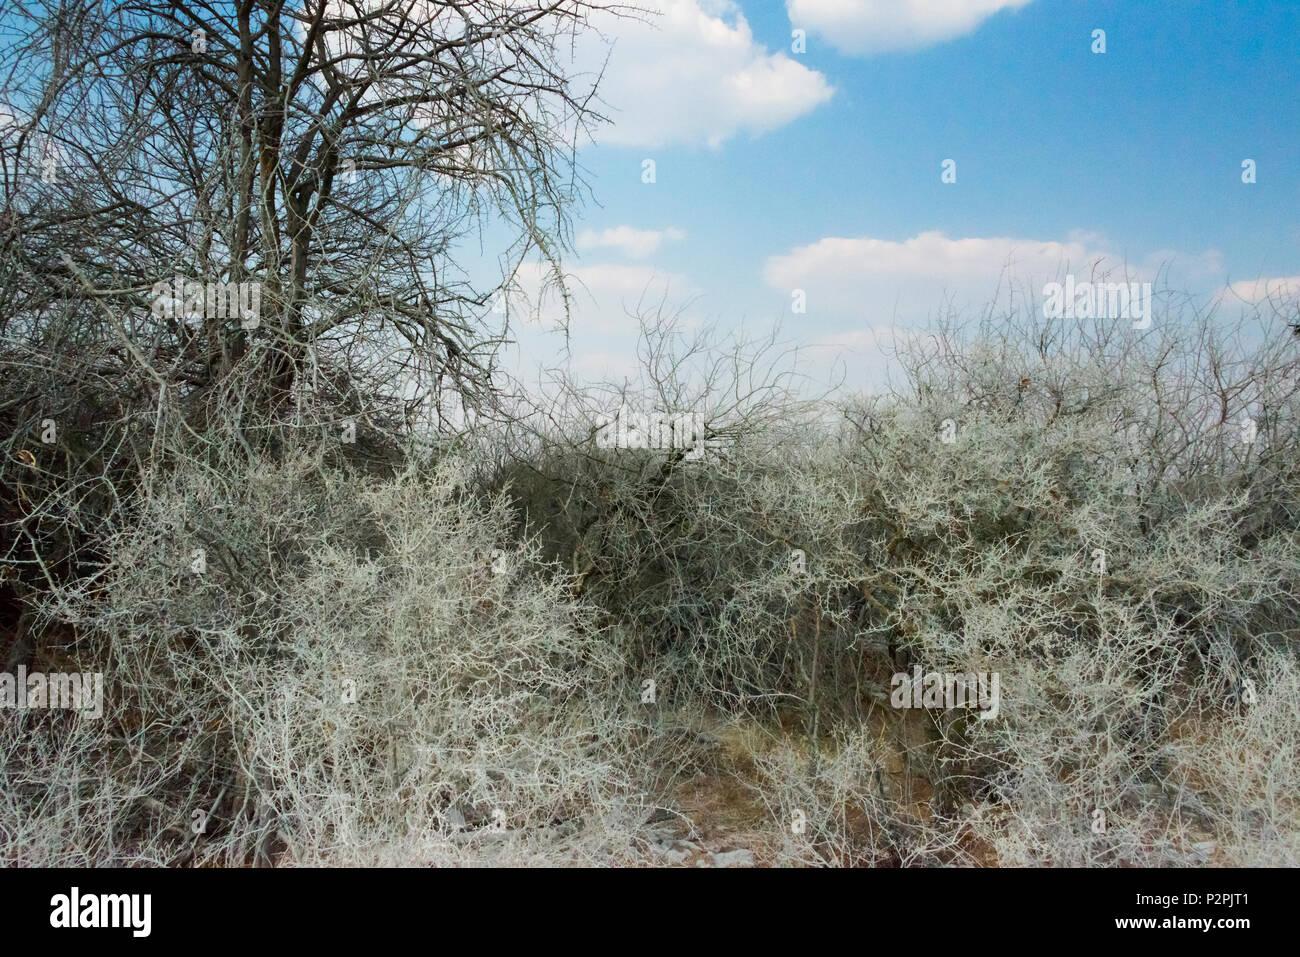 Trees wrapped in white dust, Etosha National Park, Oshikoto Region, Namibia - Stock Image